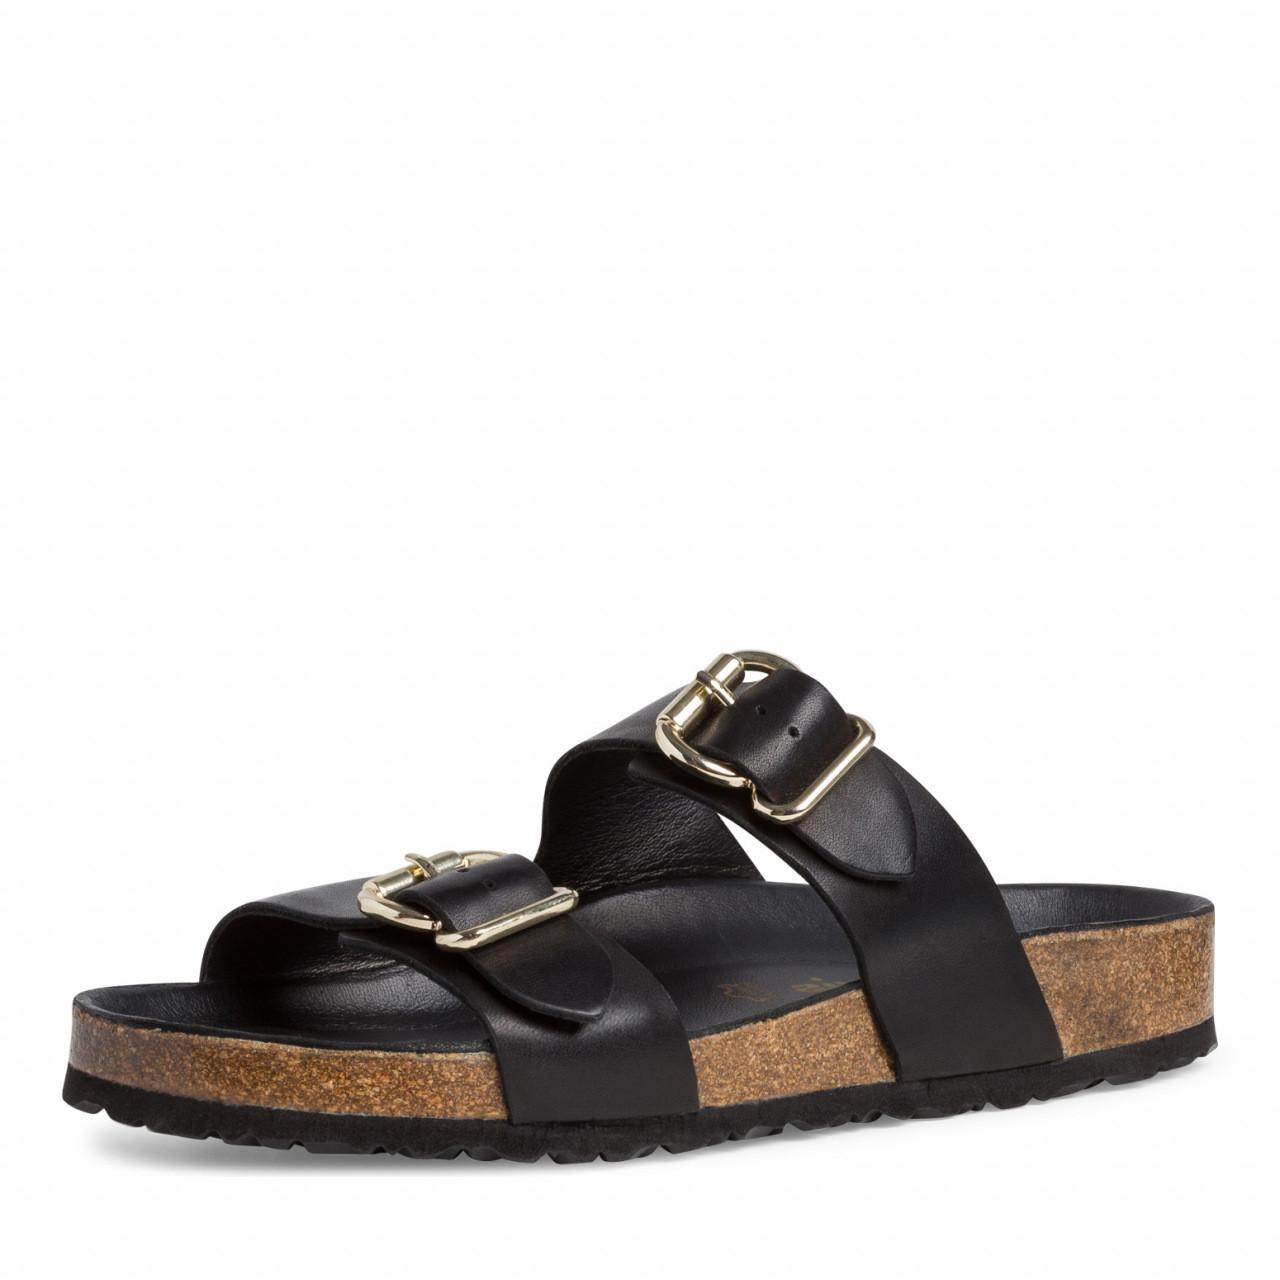 Svarte sandaler med gullspenne